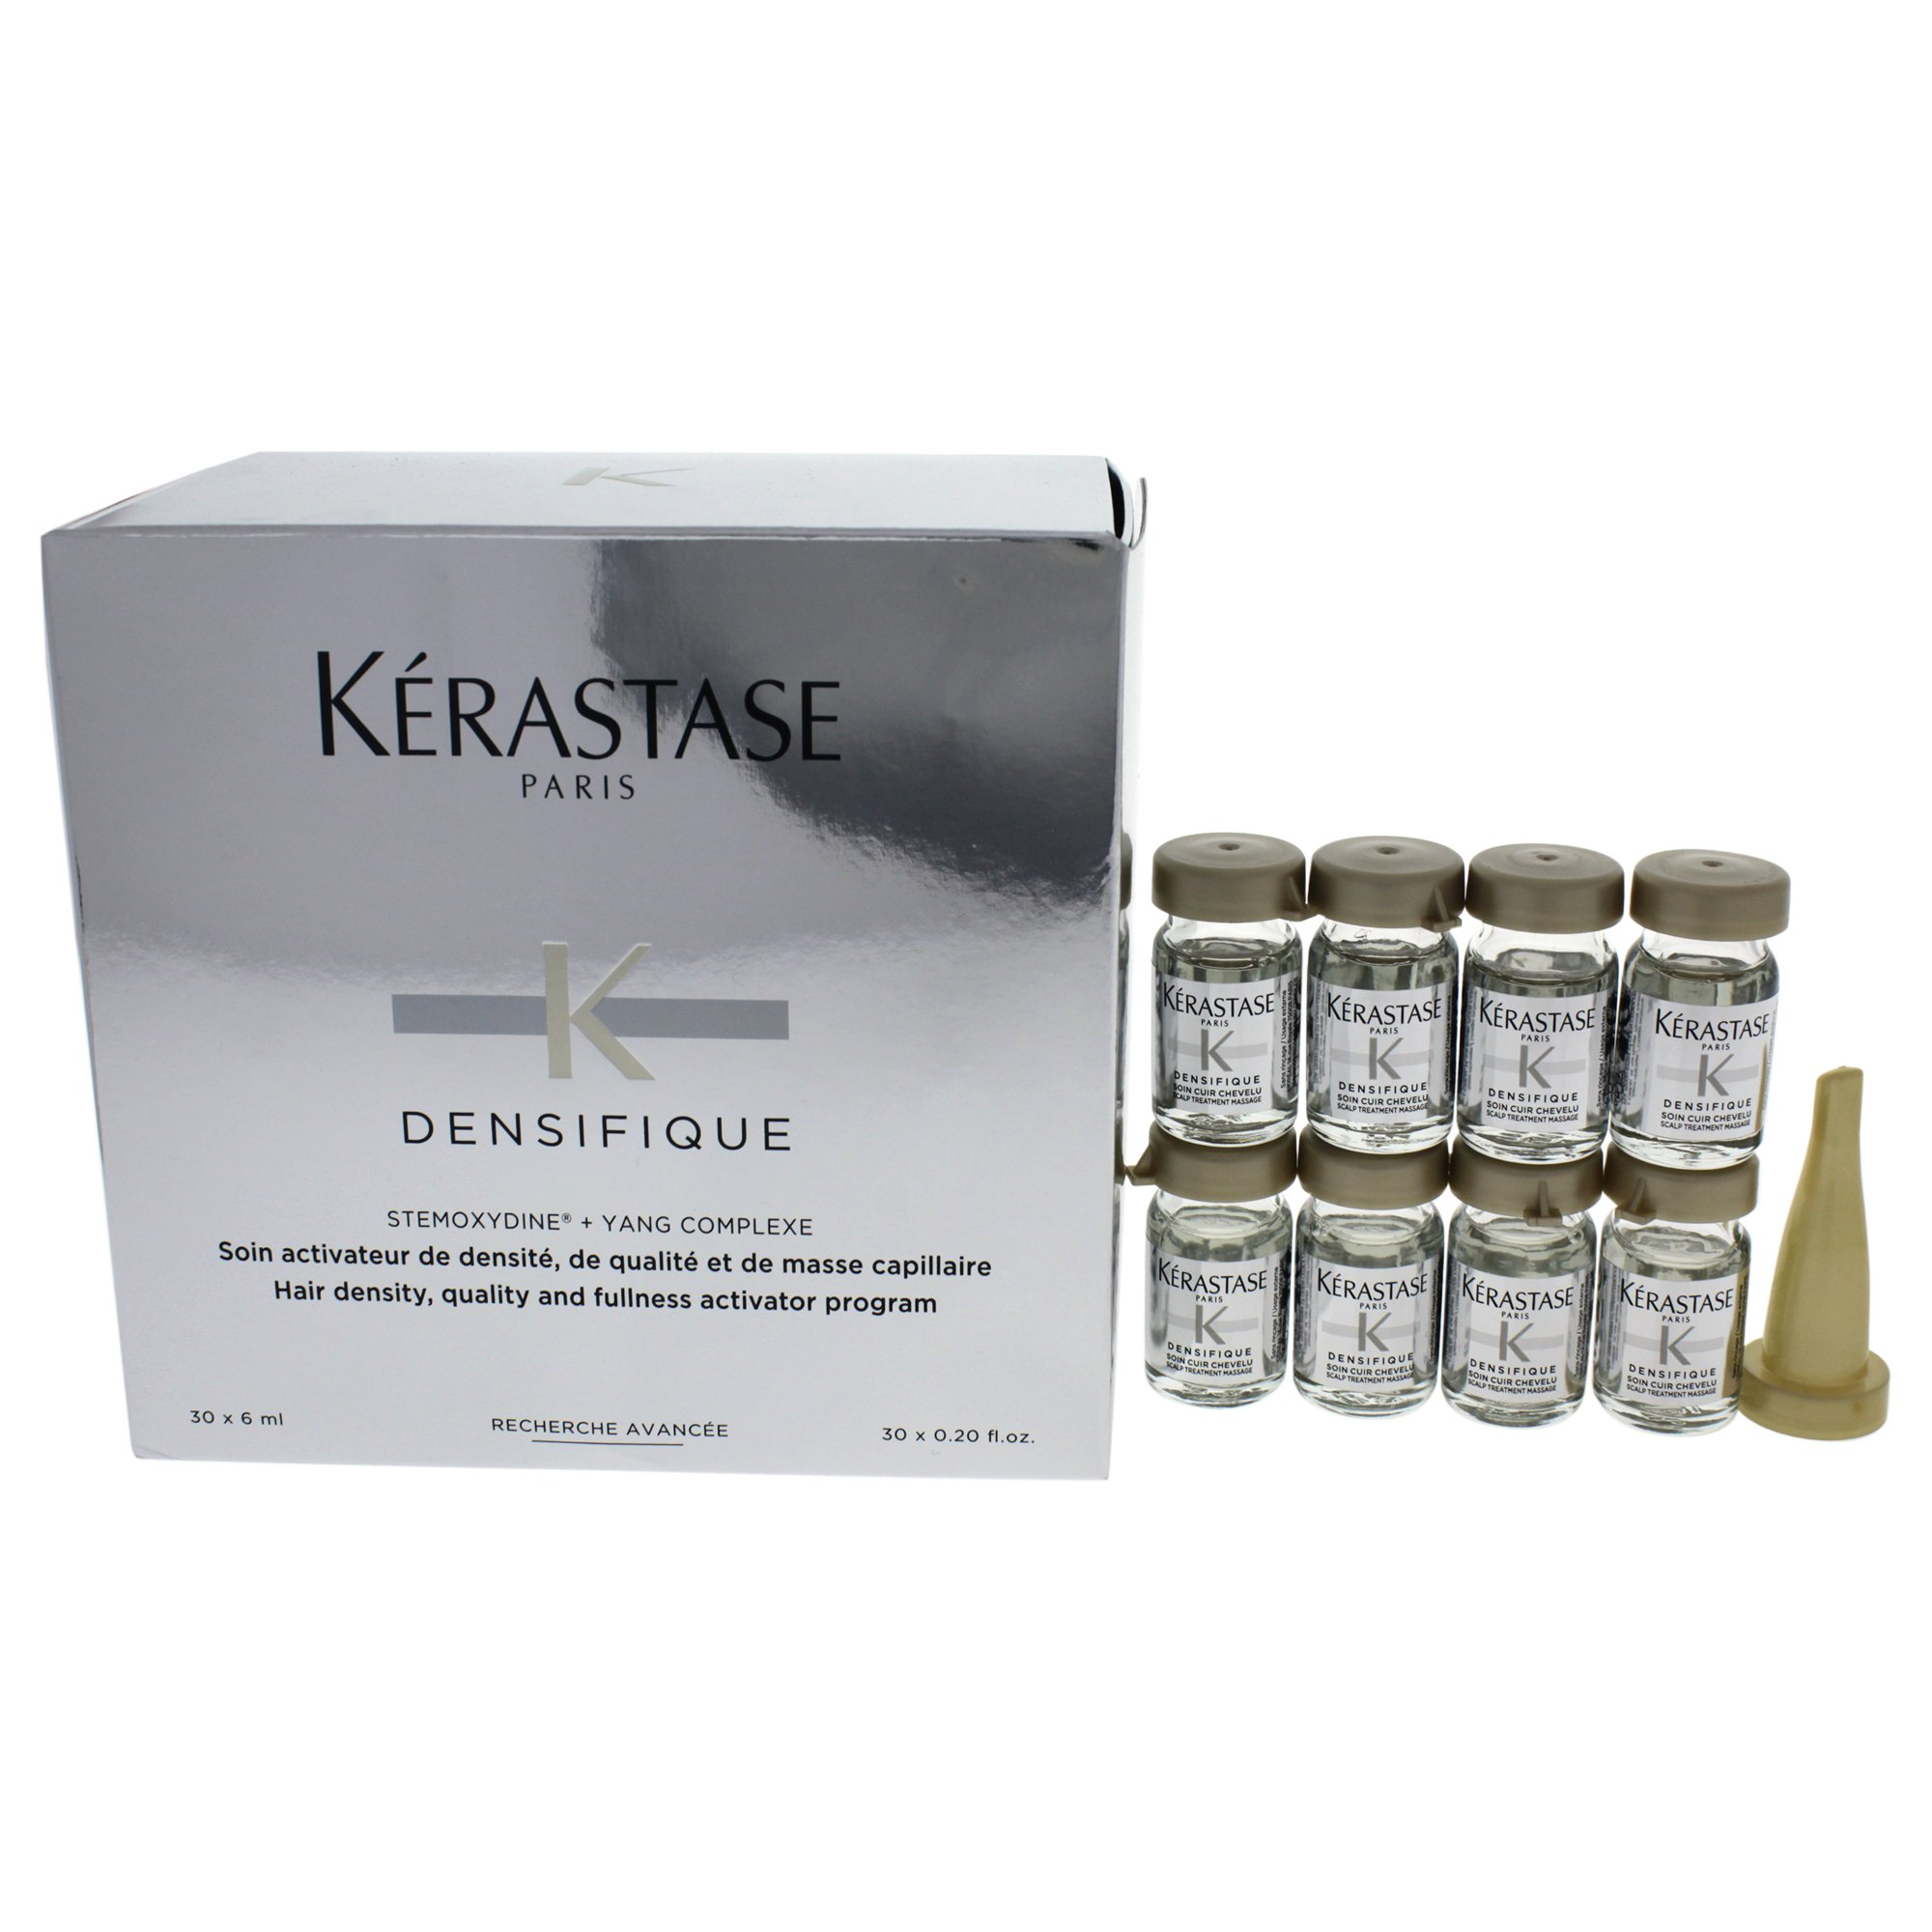 Kerastase 905-56003 - Activador de volumen capilar, 30 x 6 ml product image